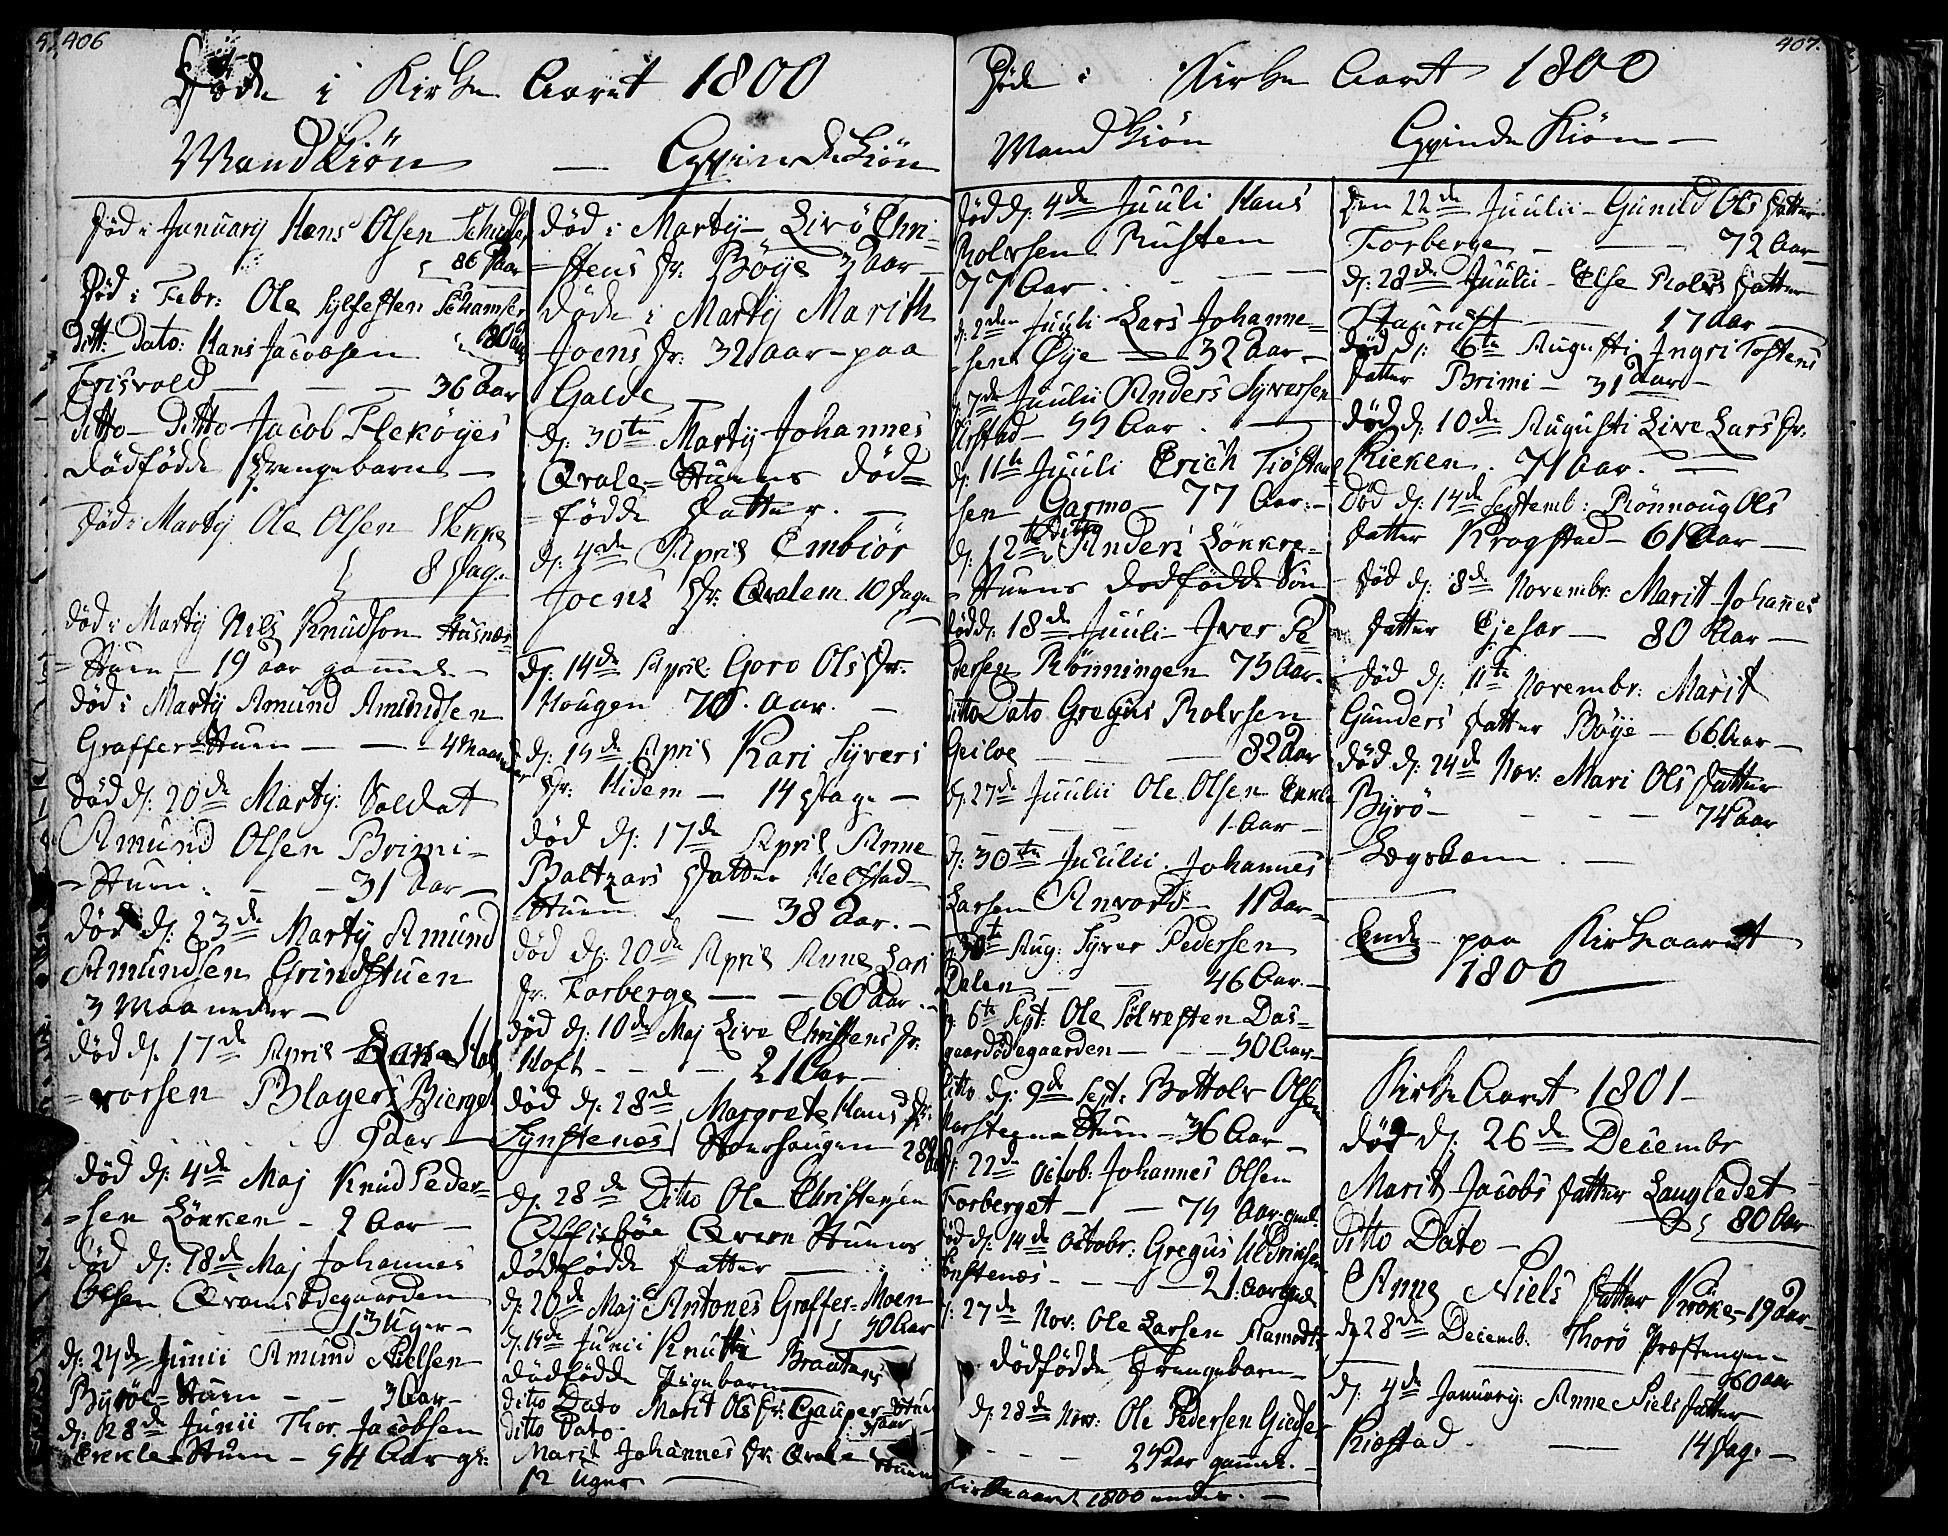 SAH, Lom prestekontor, K/L0002: Ministerialbok nr. 2, 1749-1801, s. 406-407